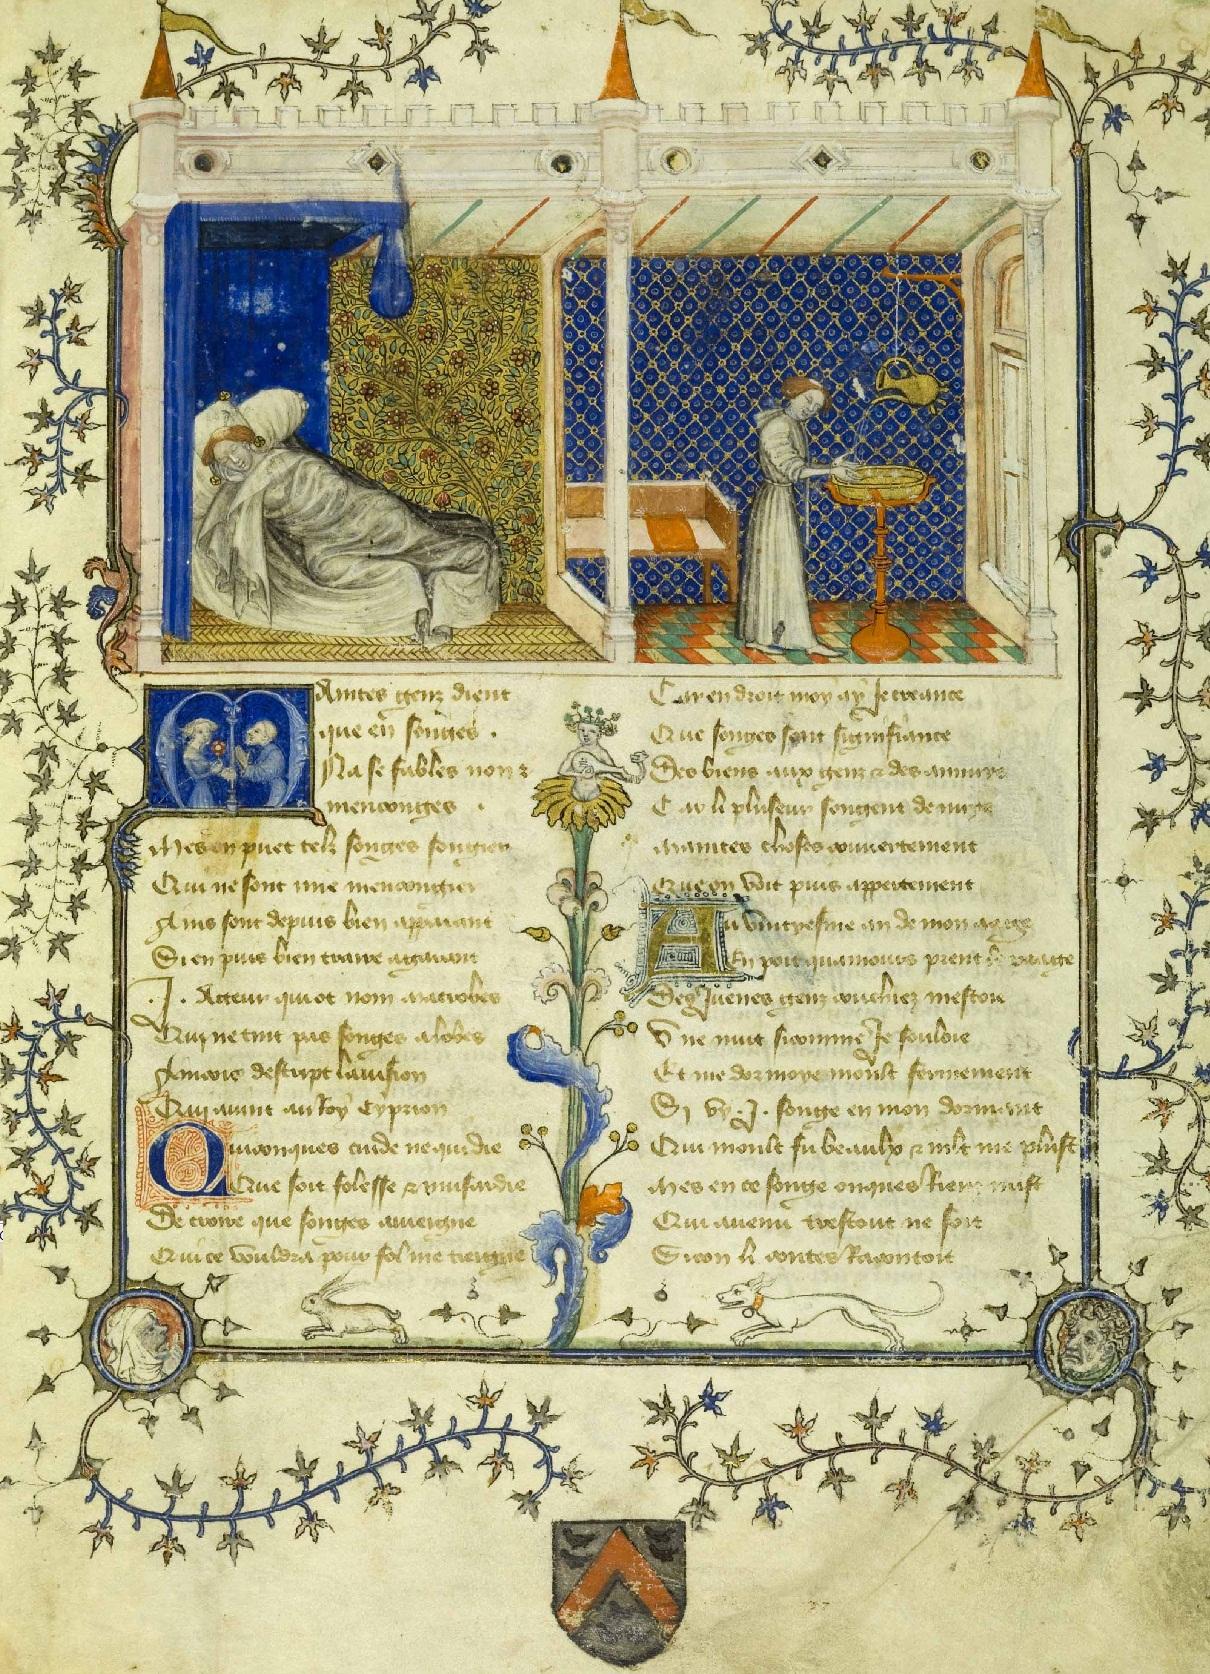 Le Roman De La Rose : roman, File:Le, Roman, Rose.jpg, Wikimedia, Commons